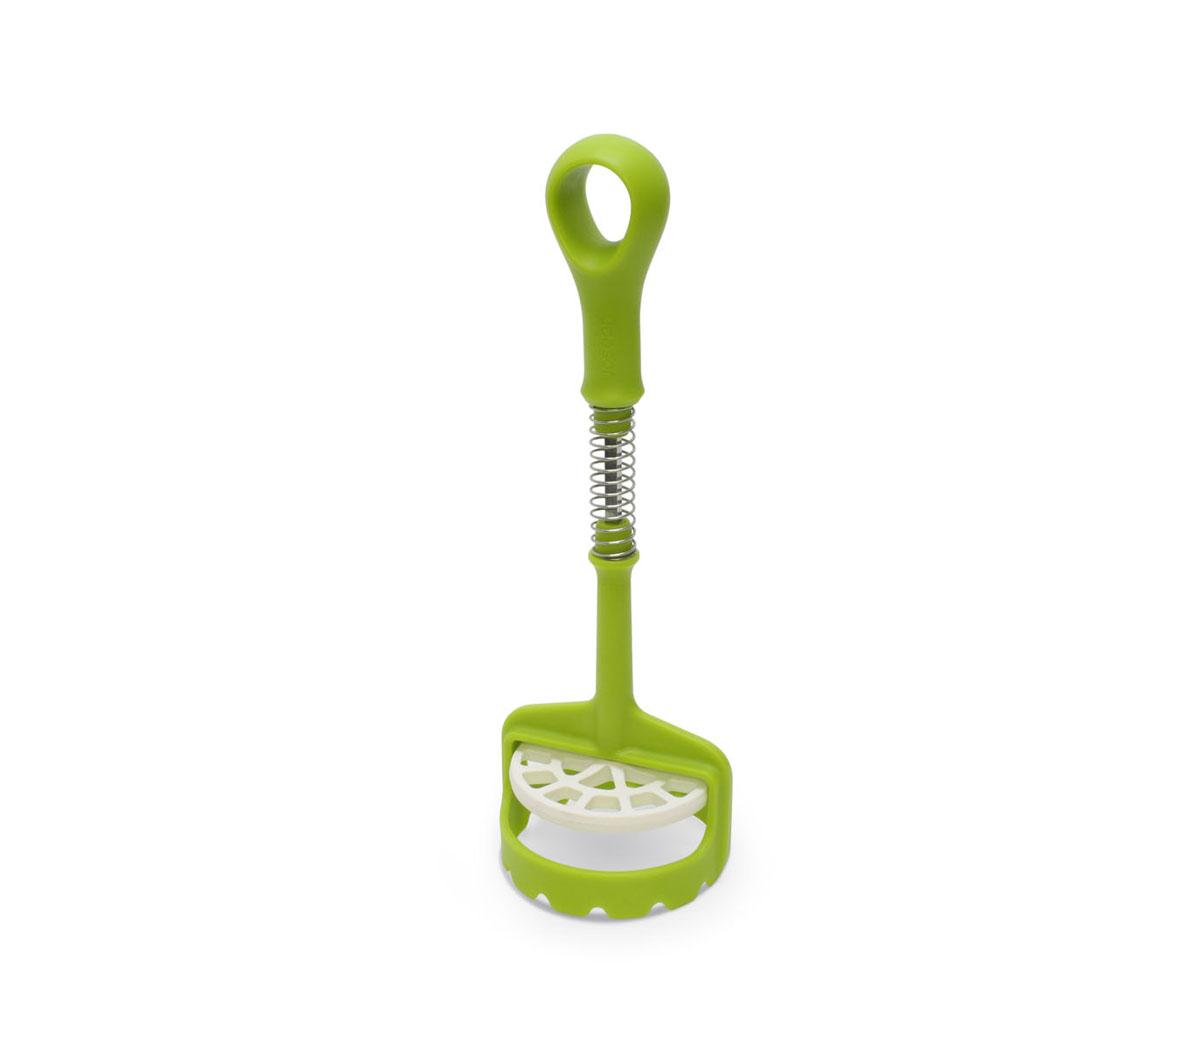 Толкушка Joseph Joseph Smasher, цвет: зеленый, длина 29 смSMG011HCТолкушка Joseph Joseph Smasher изготовлена из пищевого пластика и нержавеющей стали. С этой толкушкой вы сможете приготовить пюре еще быстрее, благодаря механизму пресса. Маленький размер толкушки позволит приготовить пюре в любой емкости. Можно мыть в посудомоечной машине.